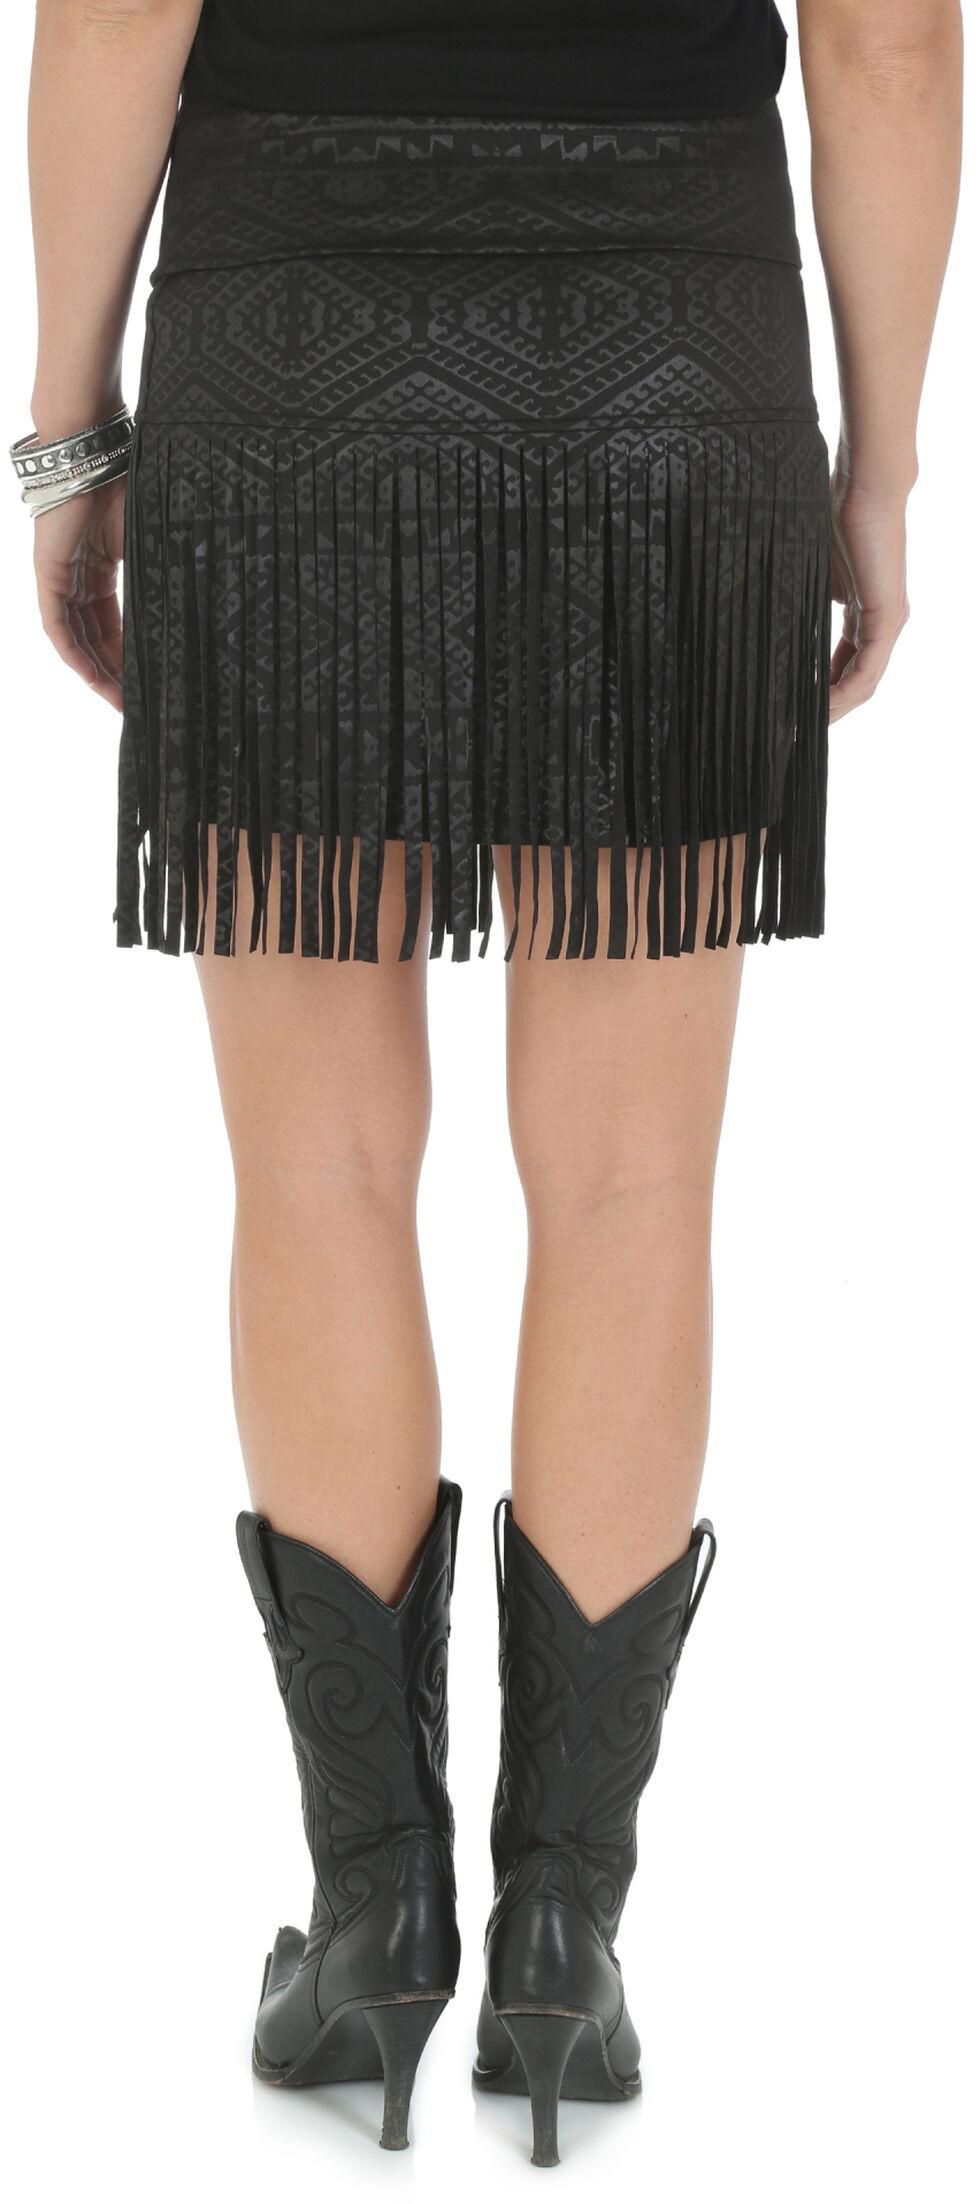 Wrangler Rock 47 Women's Aztec Pattern Mini Skirt with Fringe, Black, hi-res